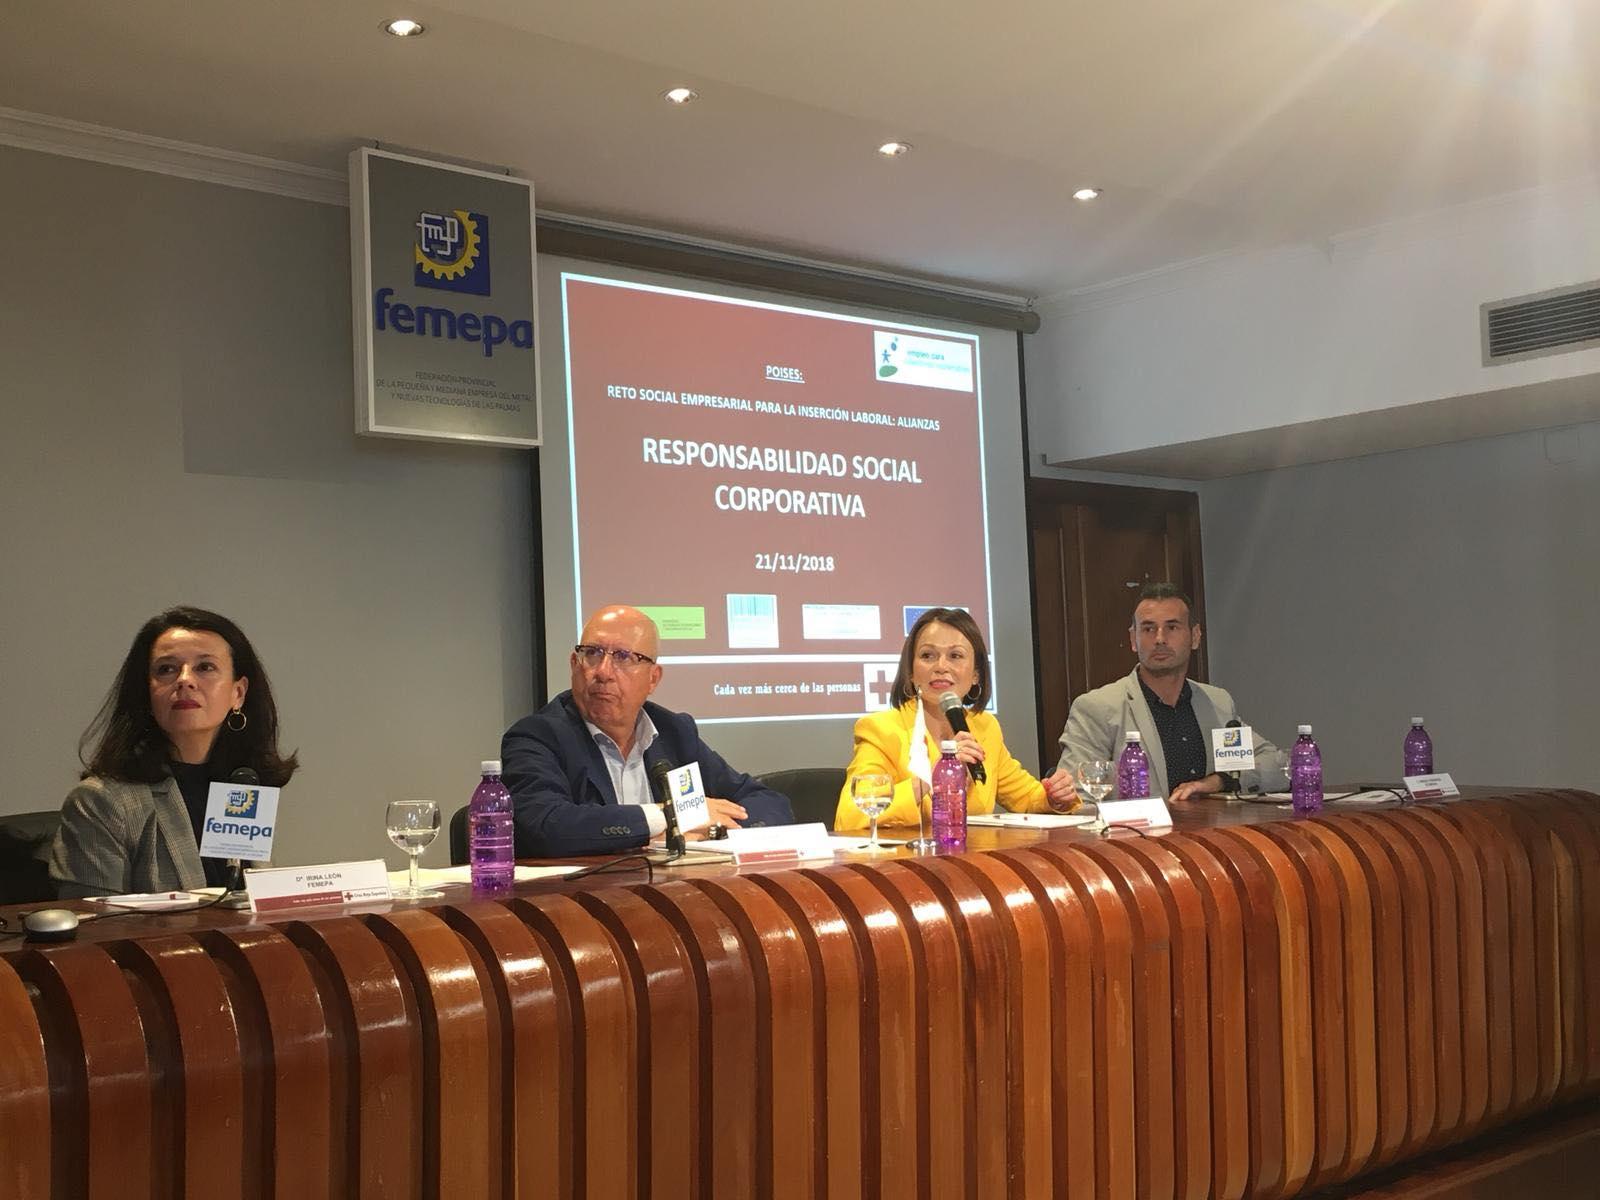 Ecobrisas en la charla sobre responsabilidad social de Cruz Roja y Femepa